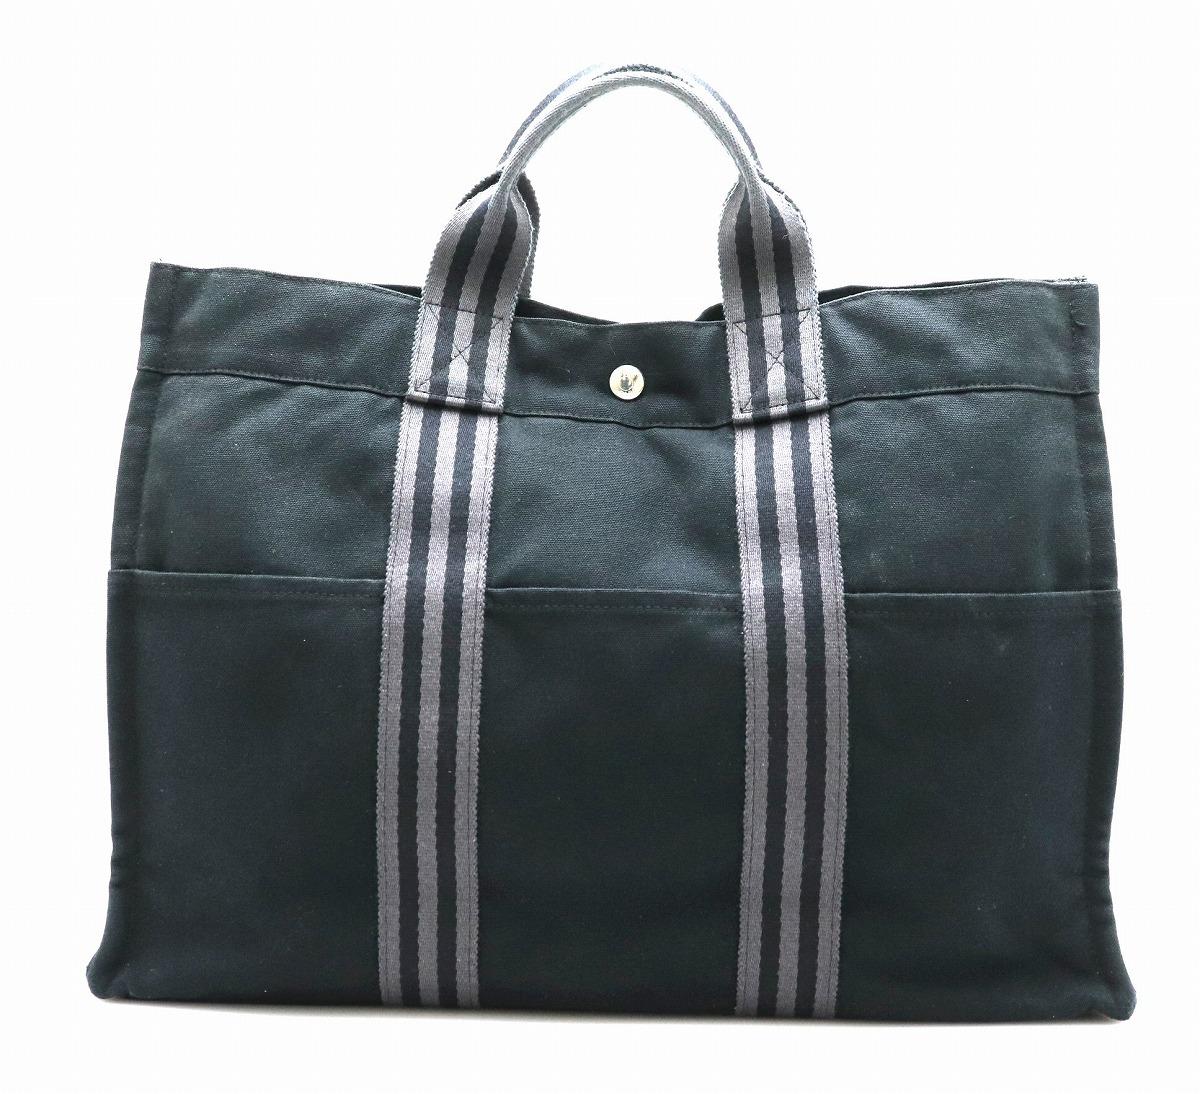 【バッグ】HERMES エルメス フールトゥ トートMM トートバッグ ハンドバッグ キャンバス ブラック 黒 グレー 灰色 【中古】【k】